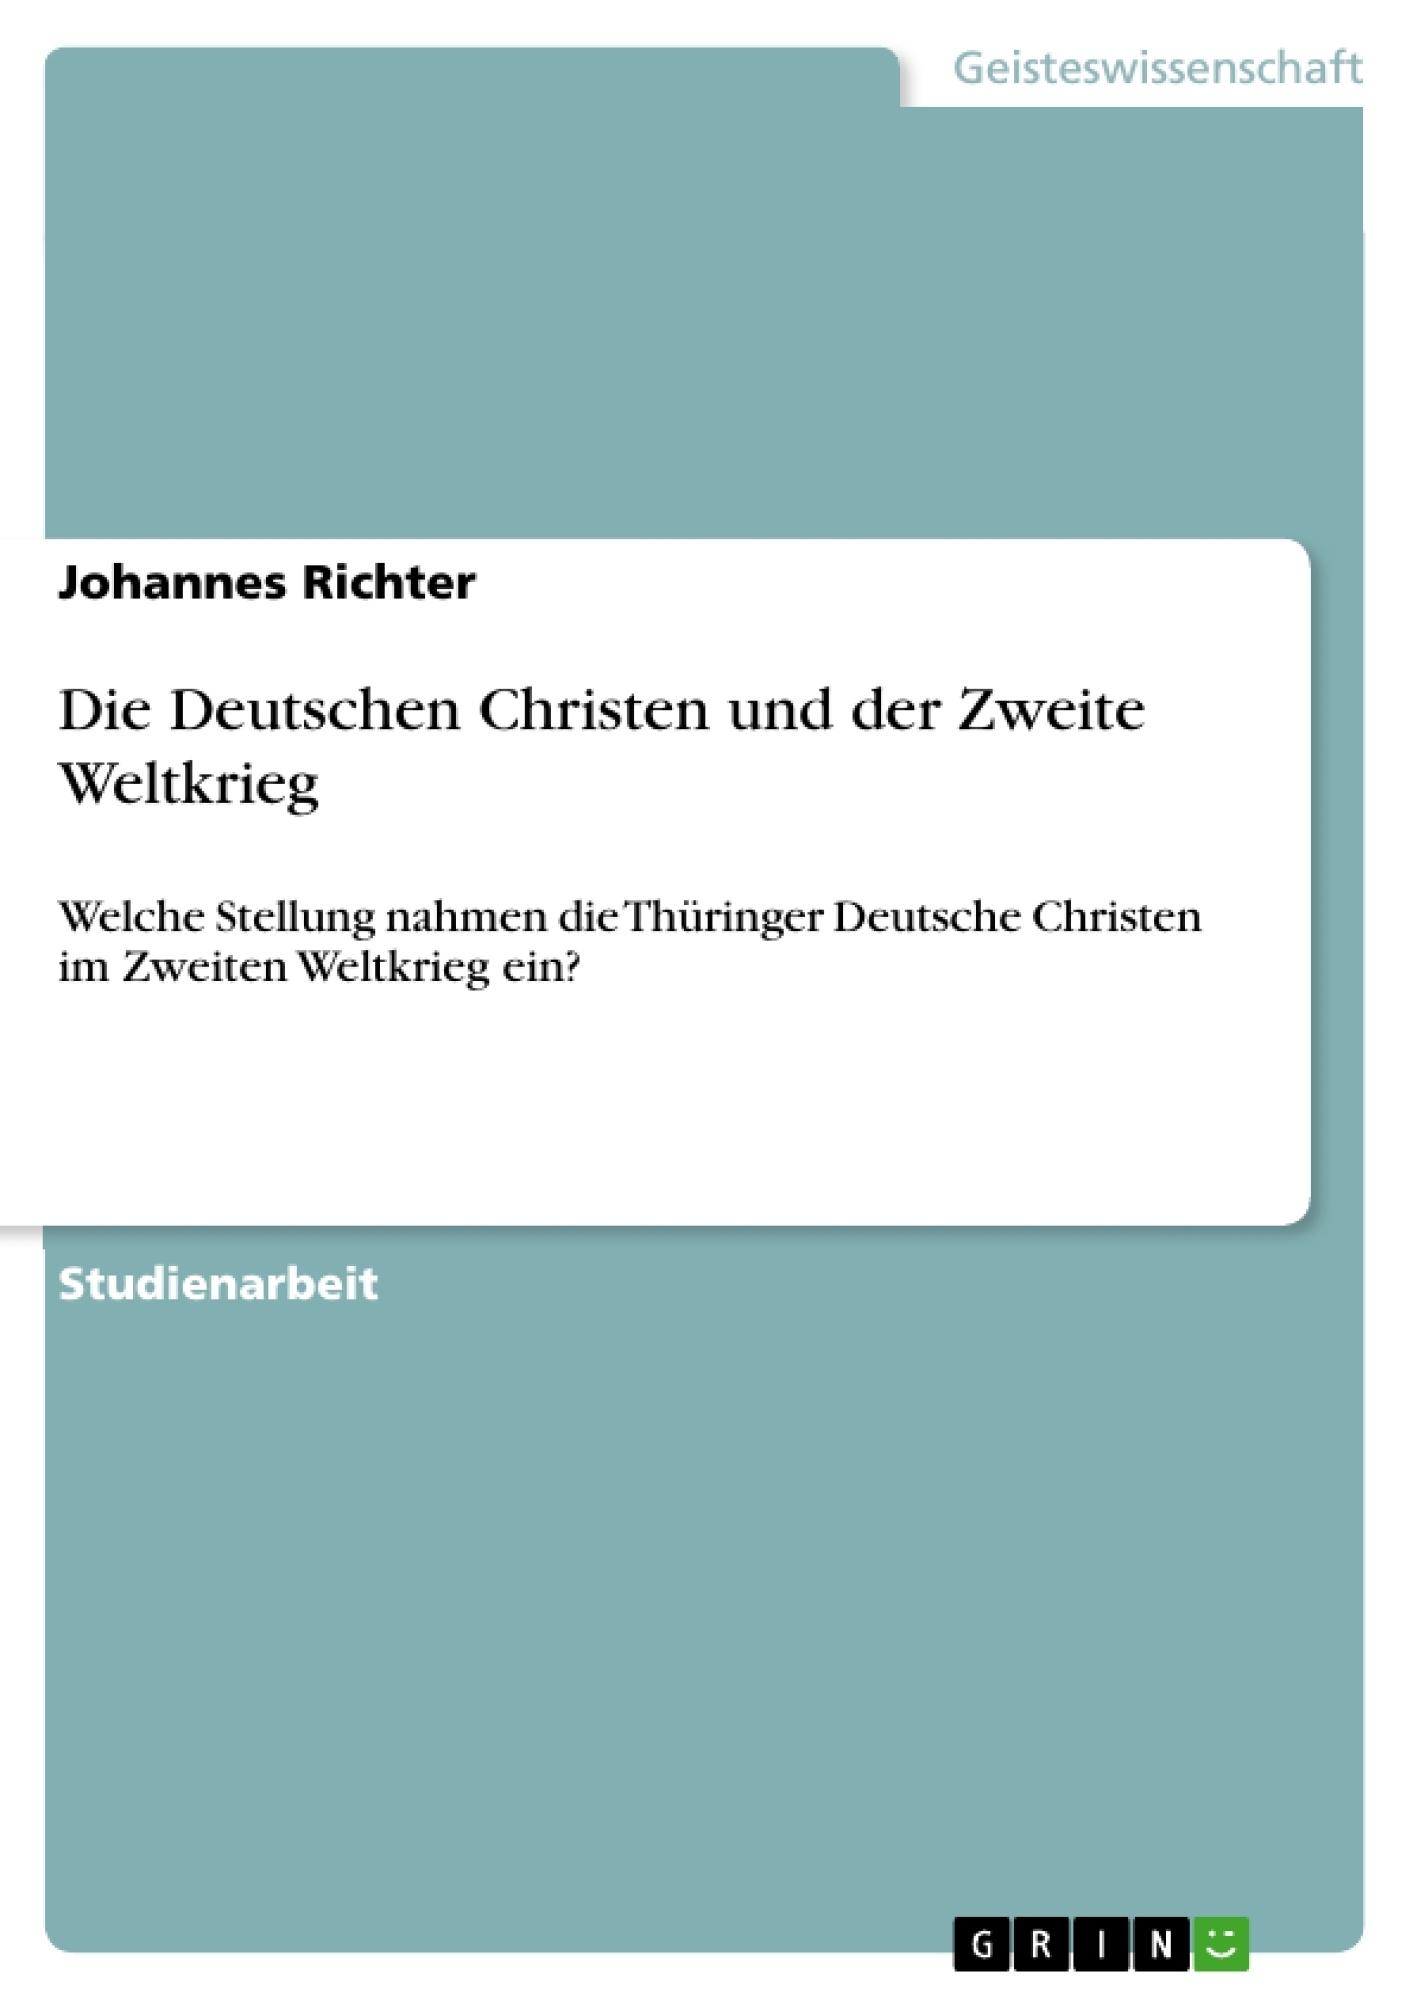 Titel: Die Deutschen Christen und der Zweite Weltkrieg